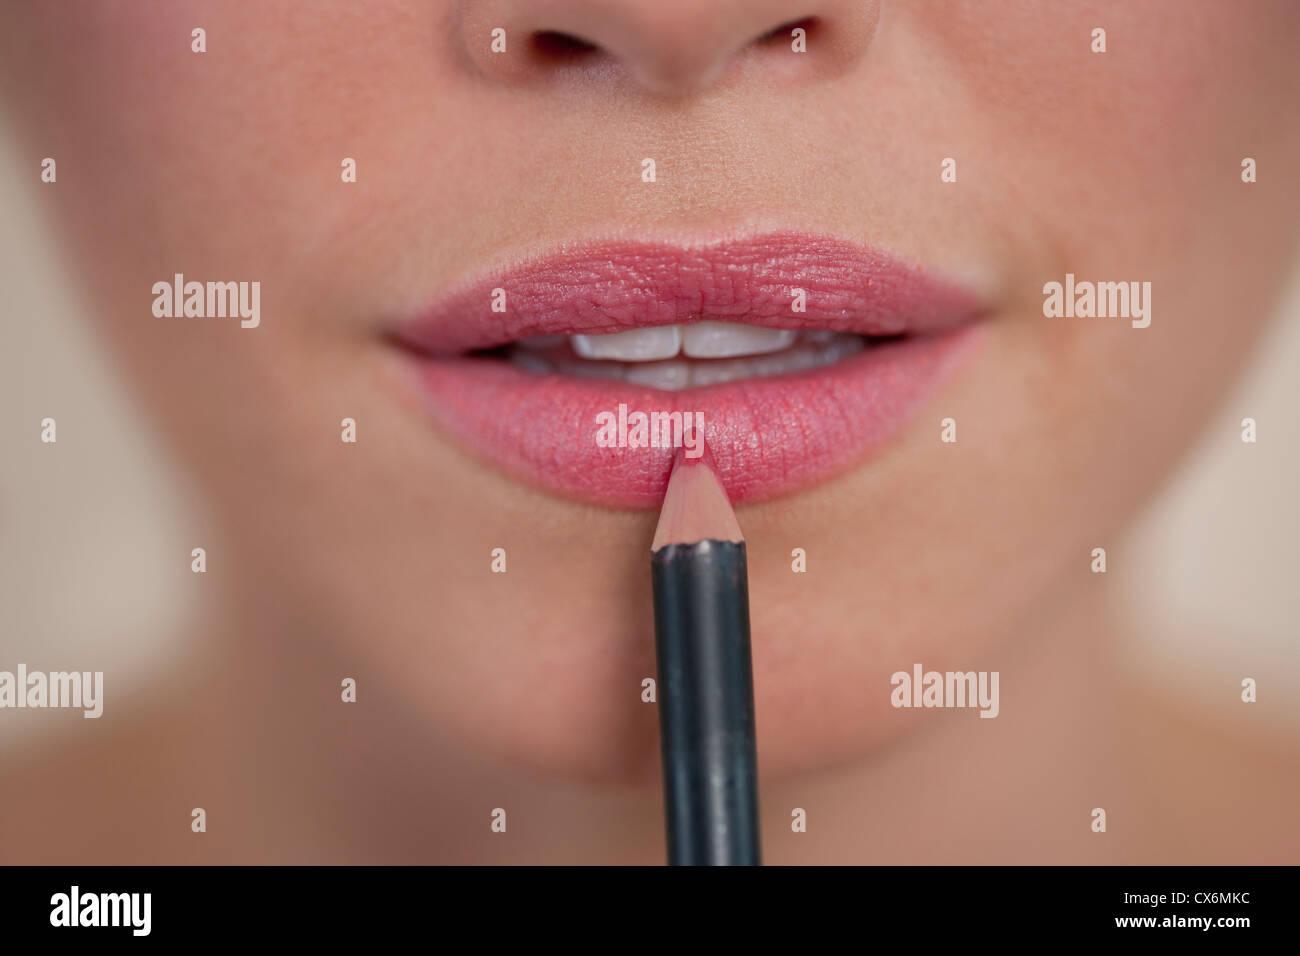 Une jeune femme l'application de recouvrement de lèvre, montrant la partie inférieure de la face Photo Stock